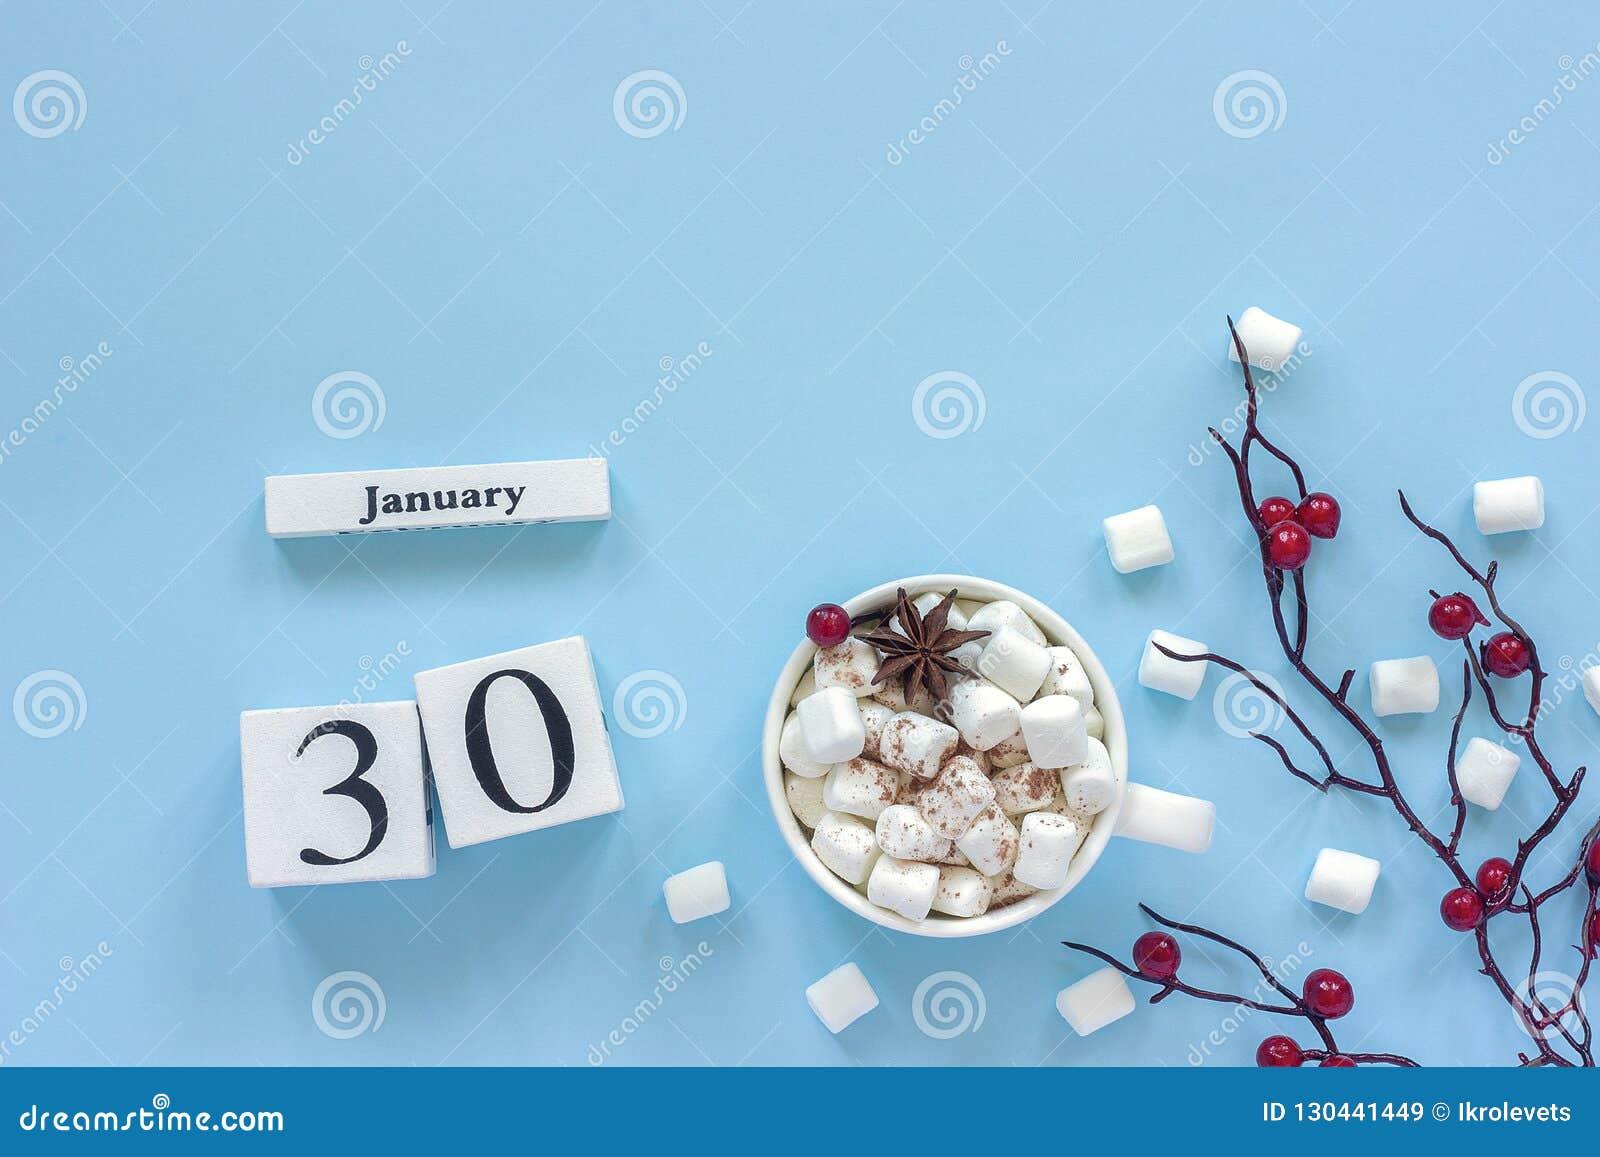 Kalendarzowa Stycznia 30 filiżanka kakao, marshmallows i gałąź jagody,